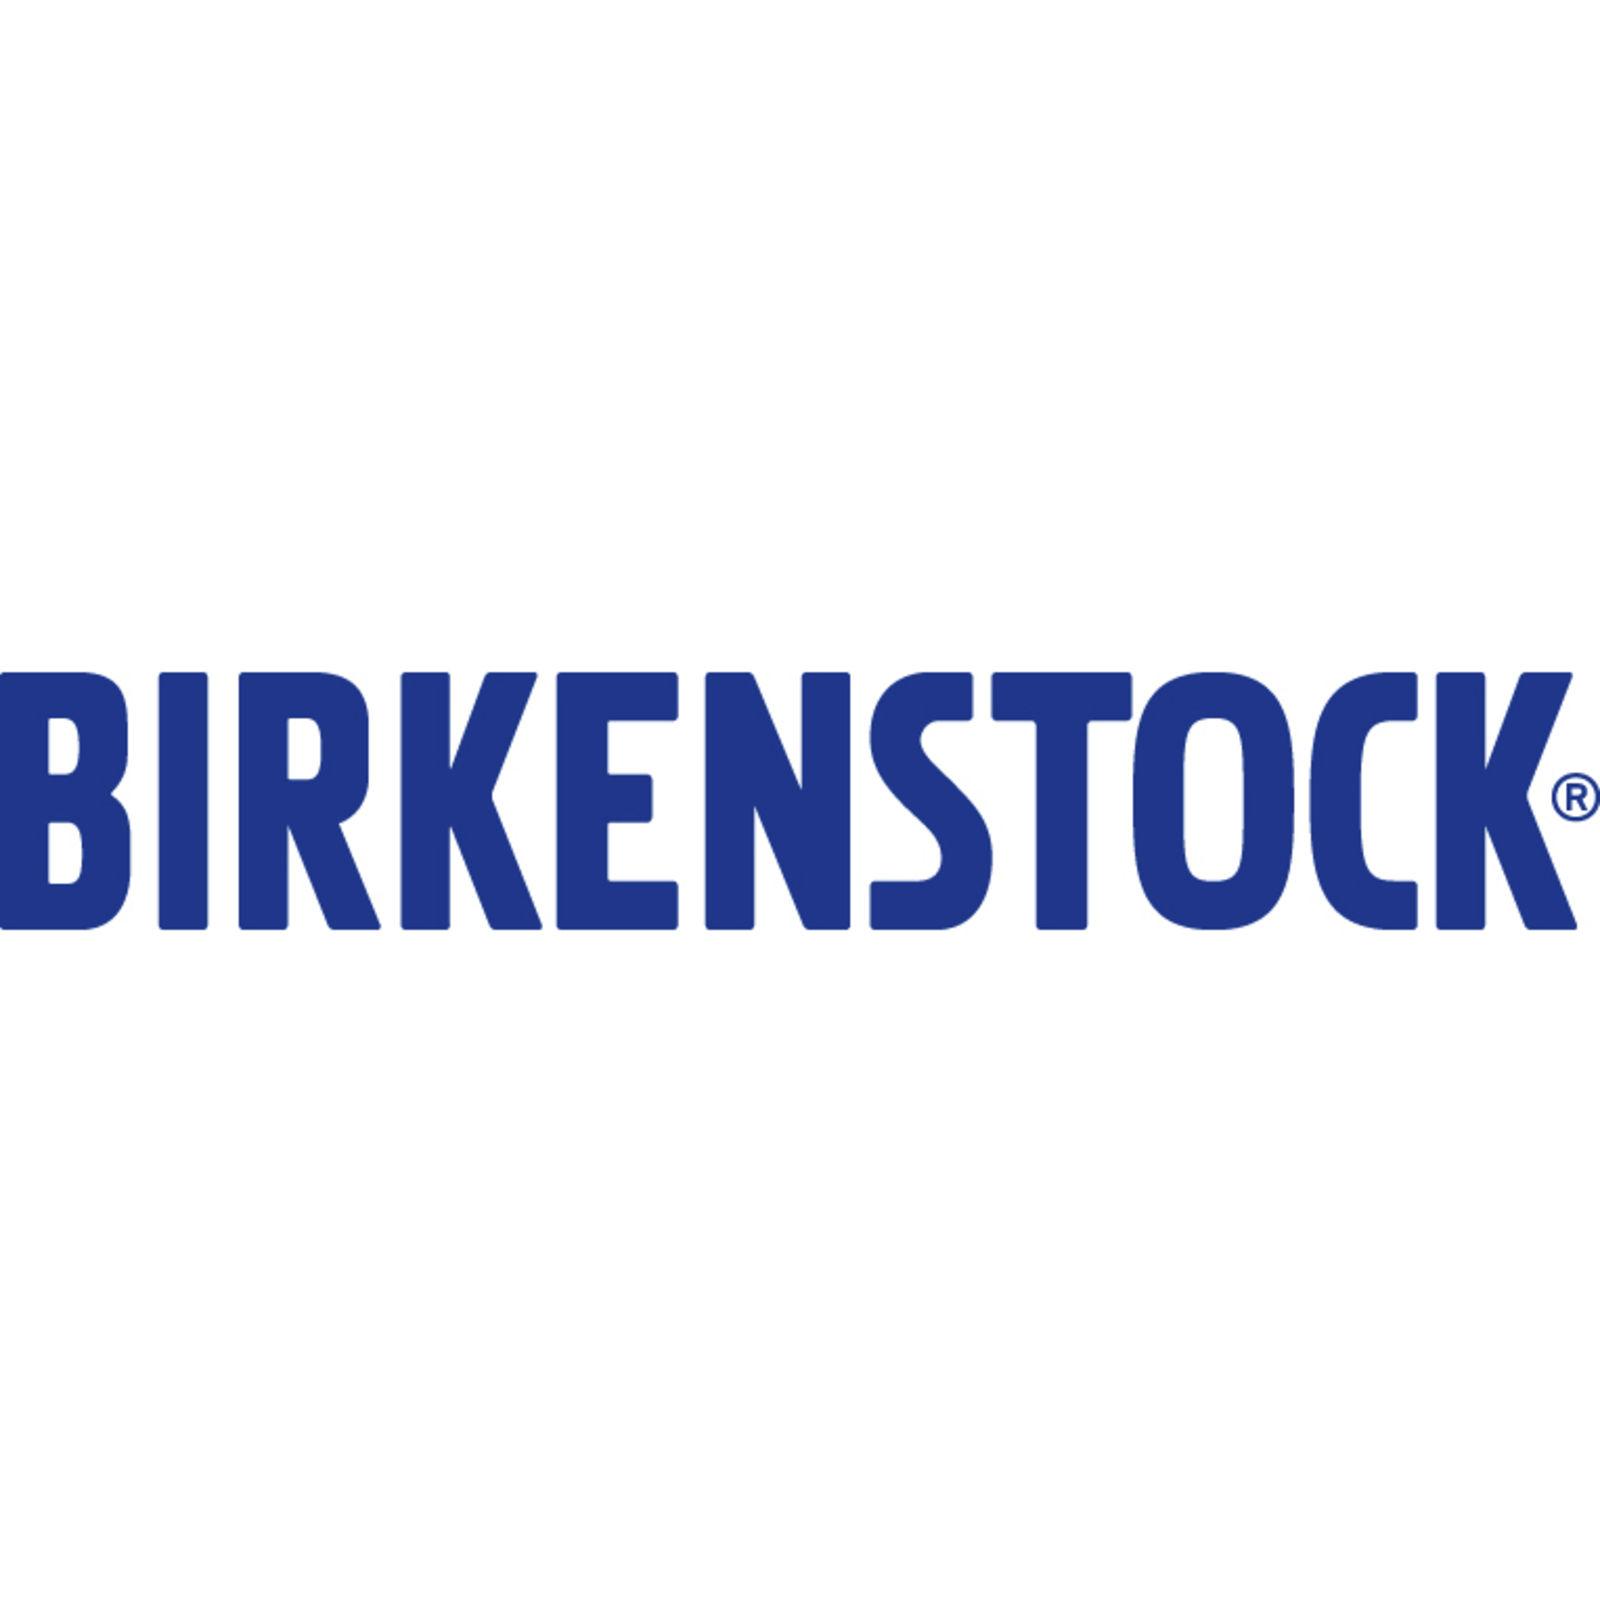 BIRKENSTOCK (Bild 1)